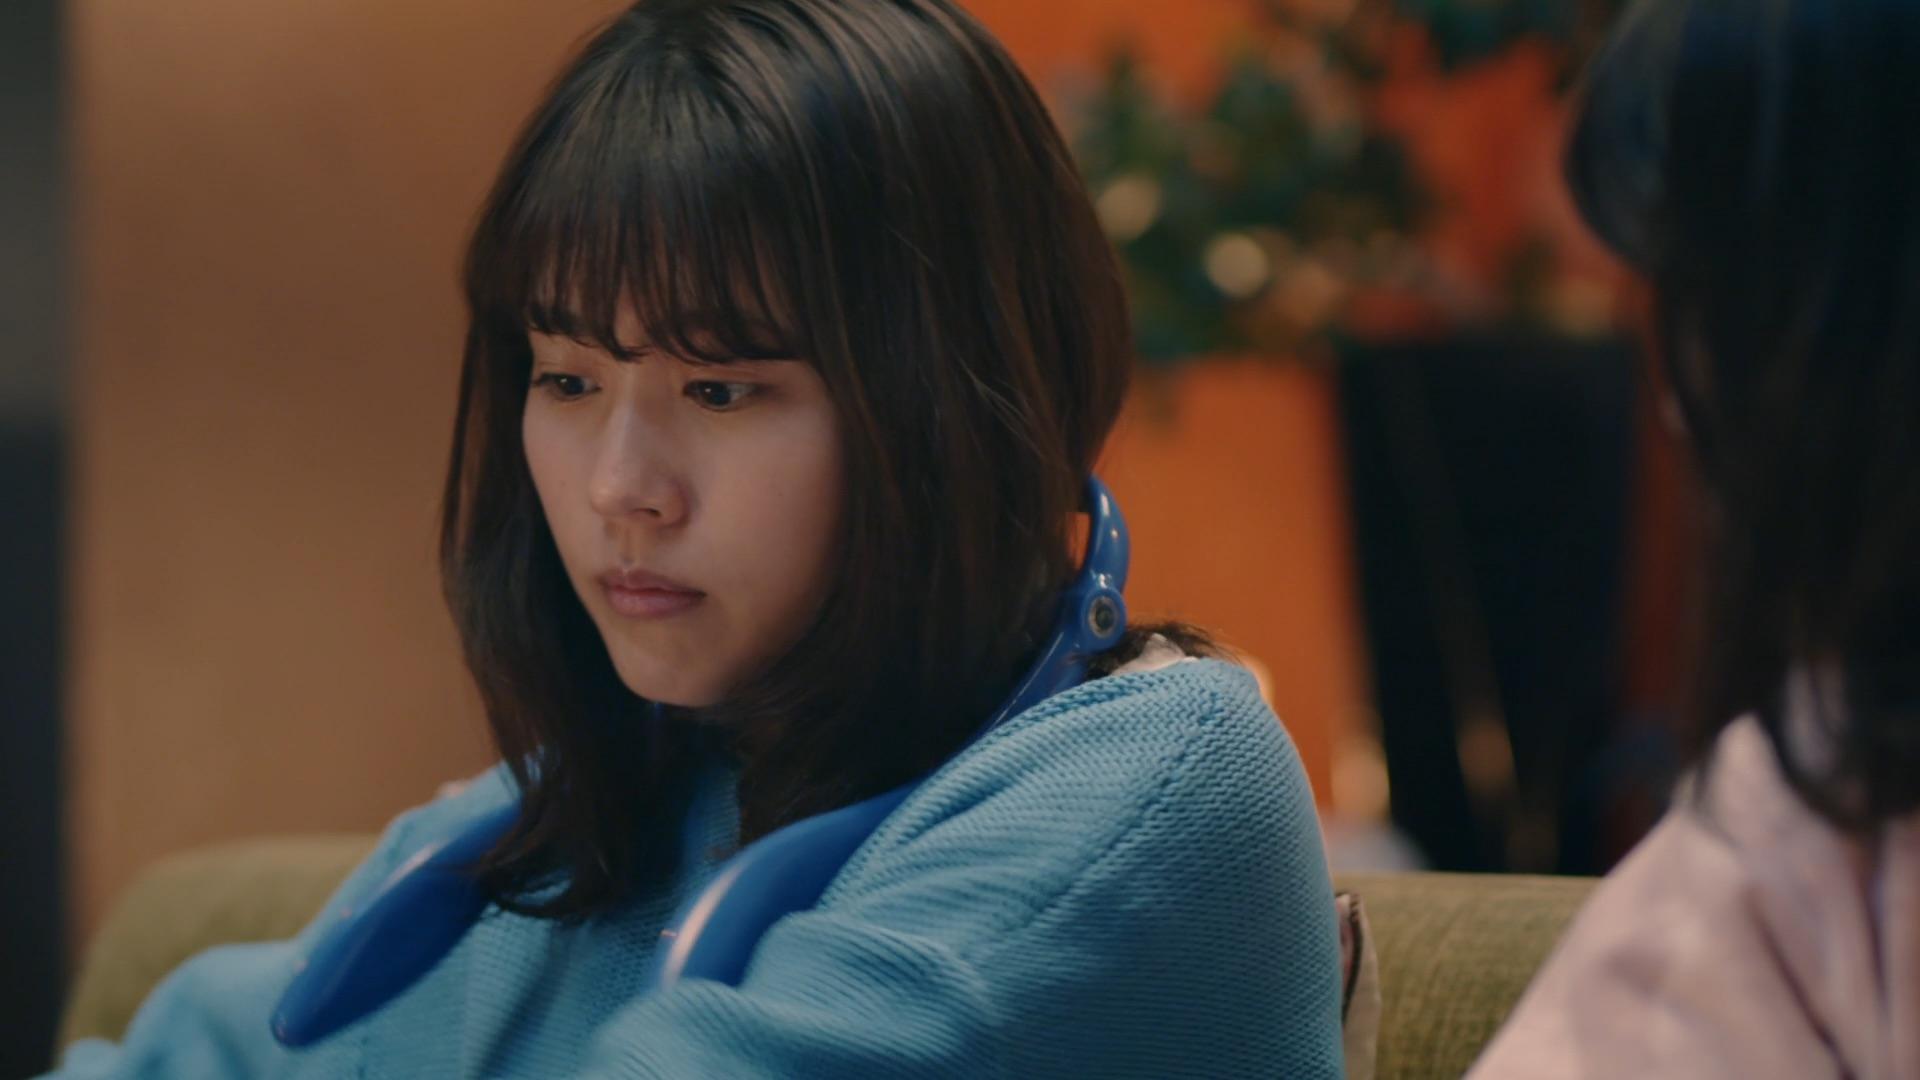 有村架純 /JA共済のWEB動画シリーズ『カスミナミ』第2弾『スヌーズ』篇